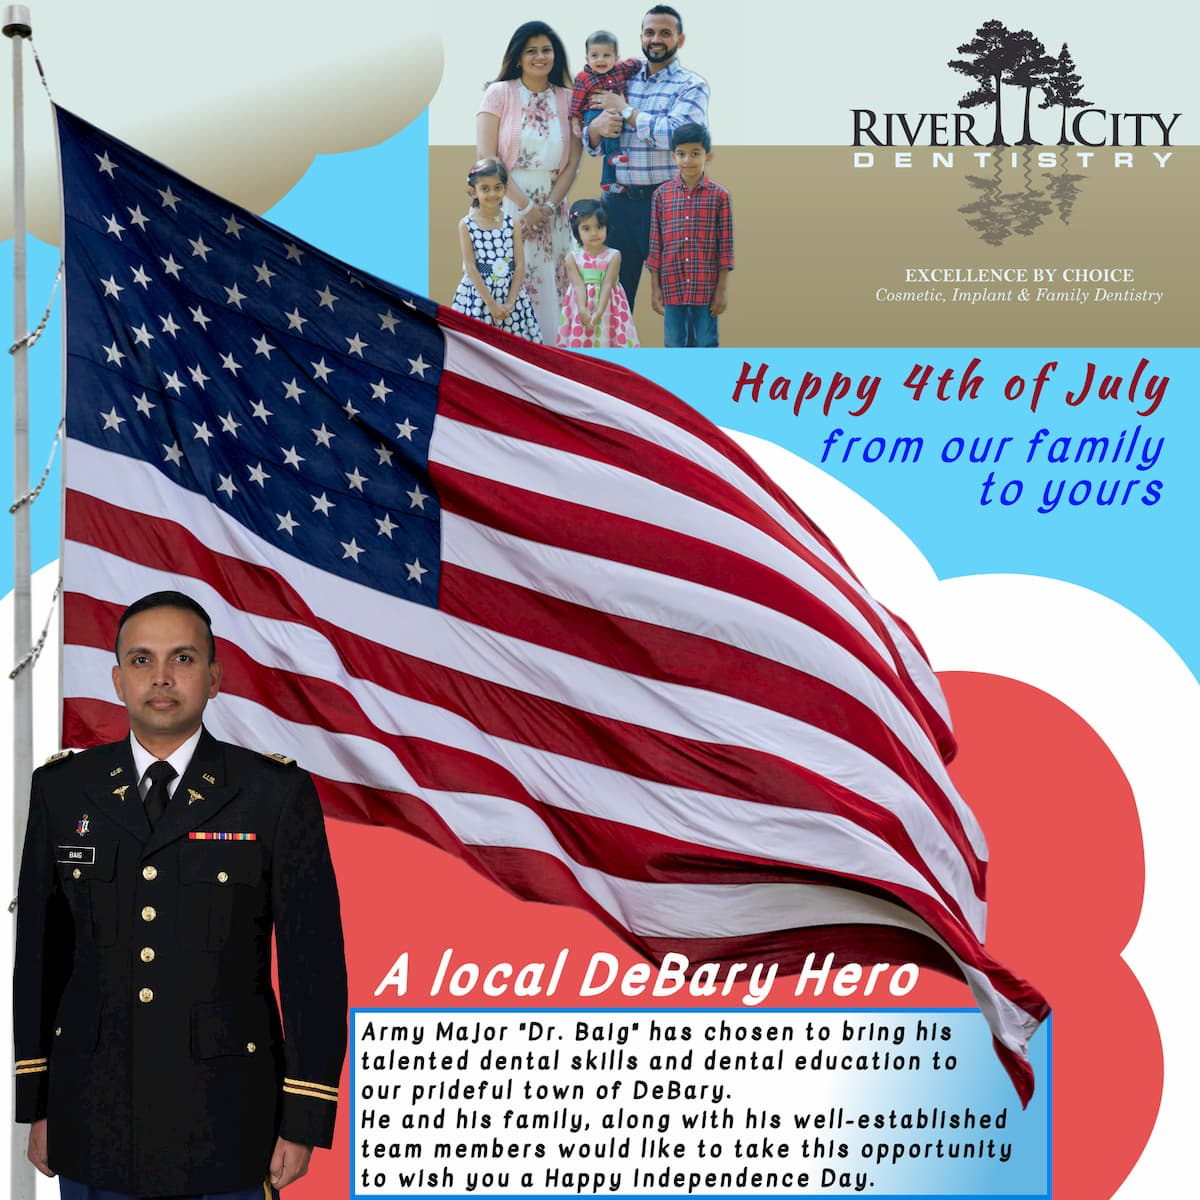 River City Dentistry 4th of July Celebration